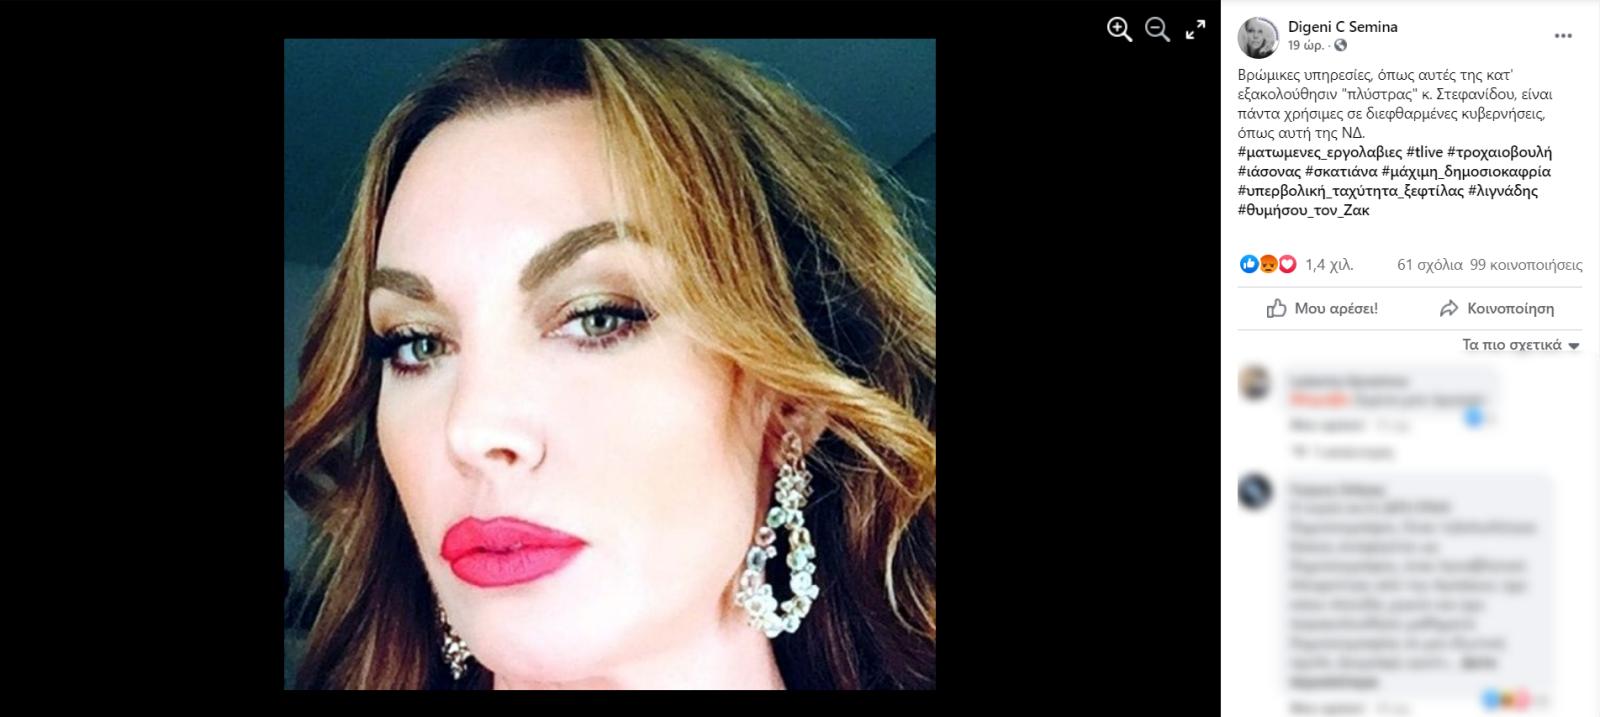 Επίθεση Σεμίνας Διγενή σε Τατιάνα Στεφανίδου